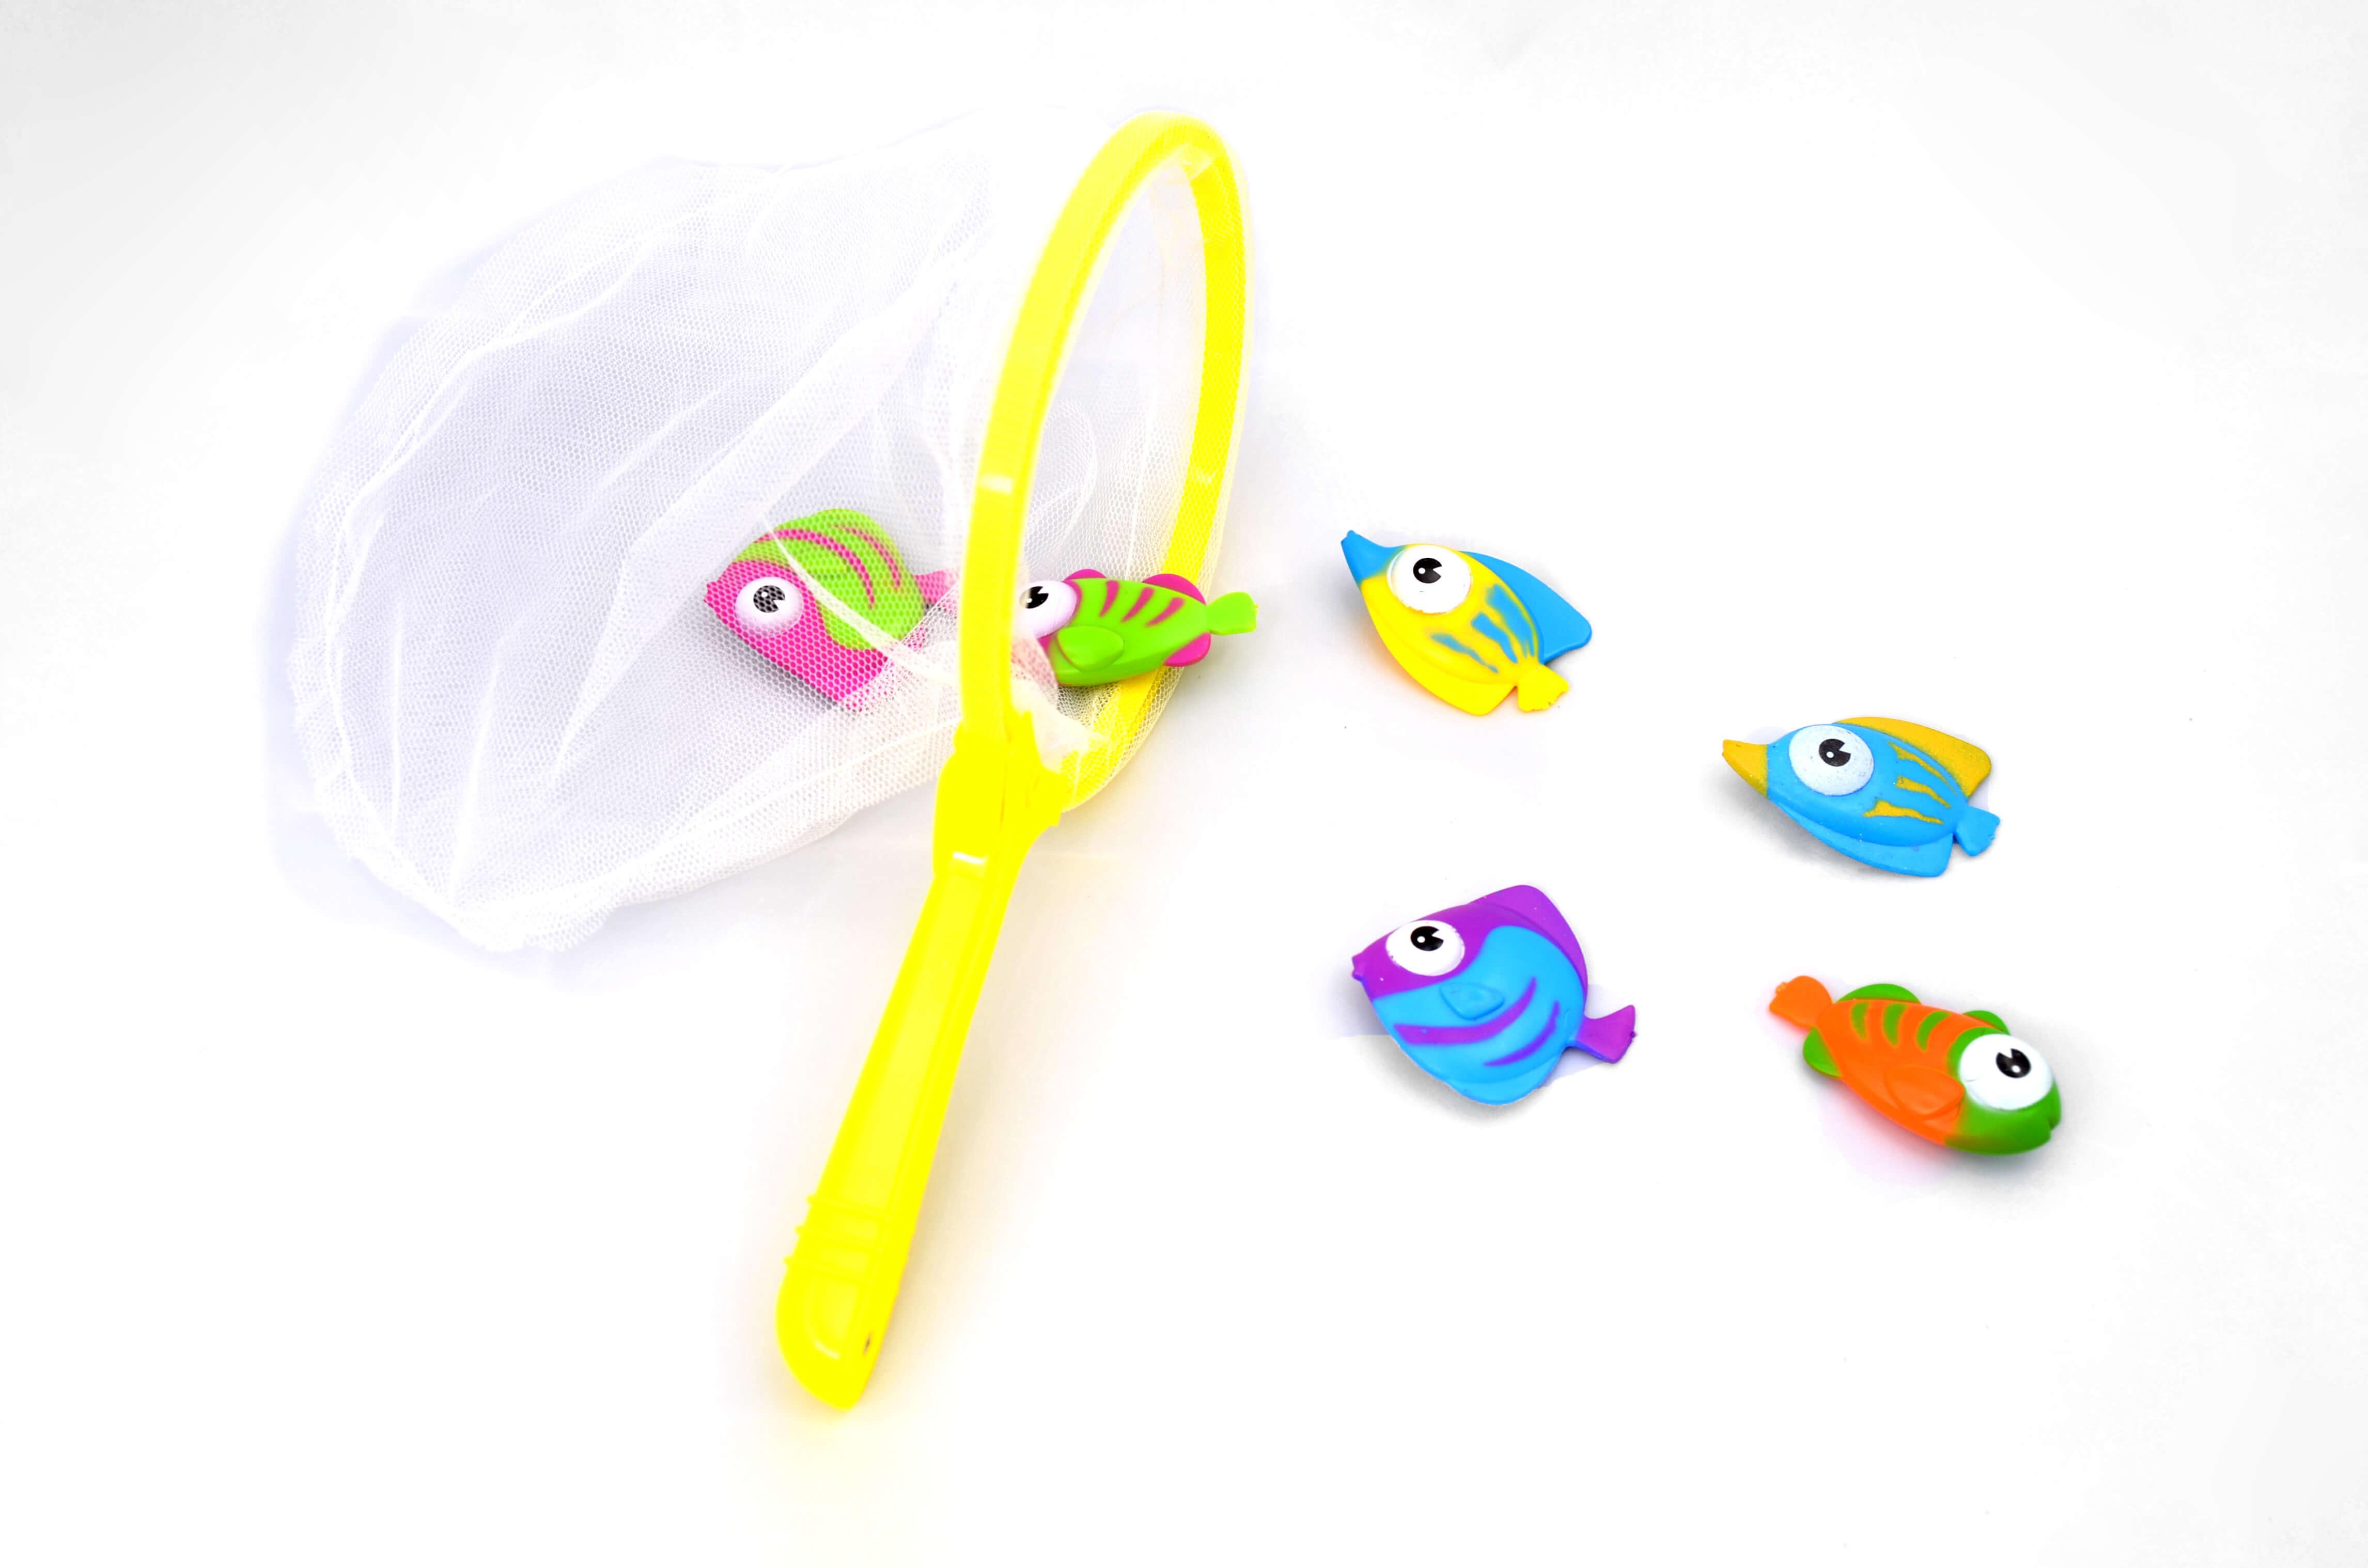 juguetes para la alberca4_club cañada